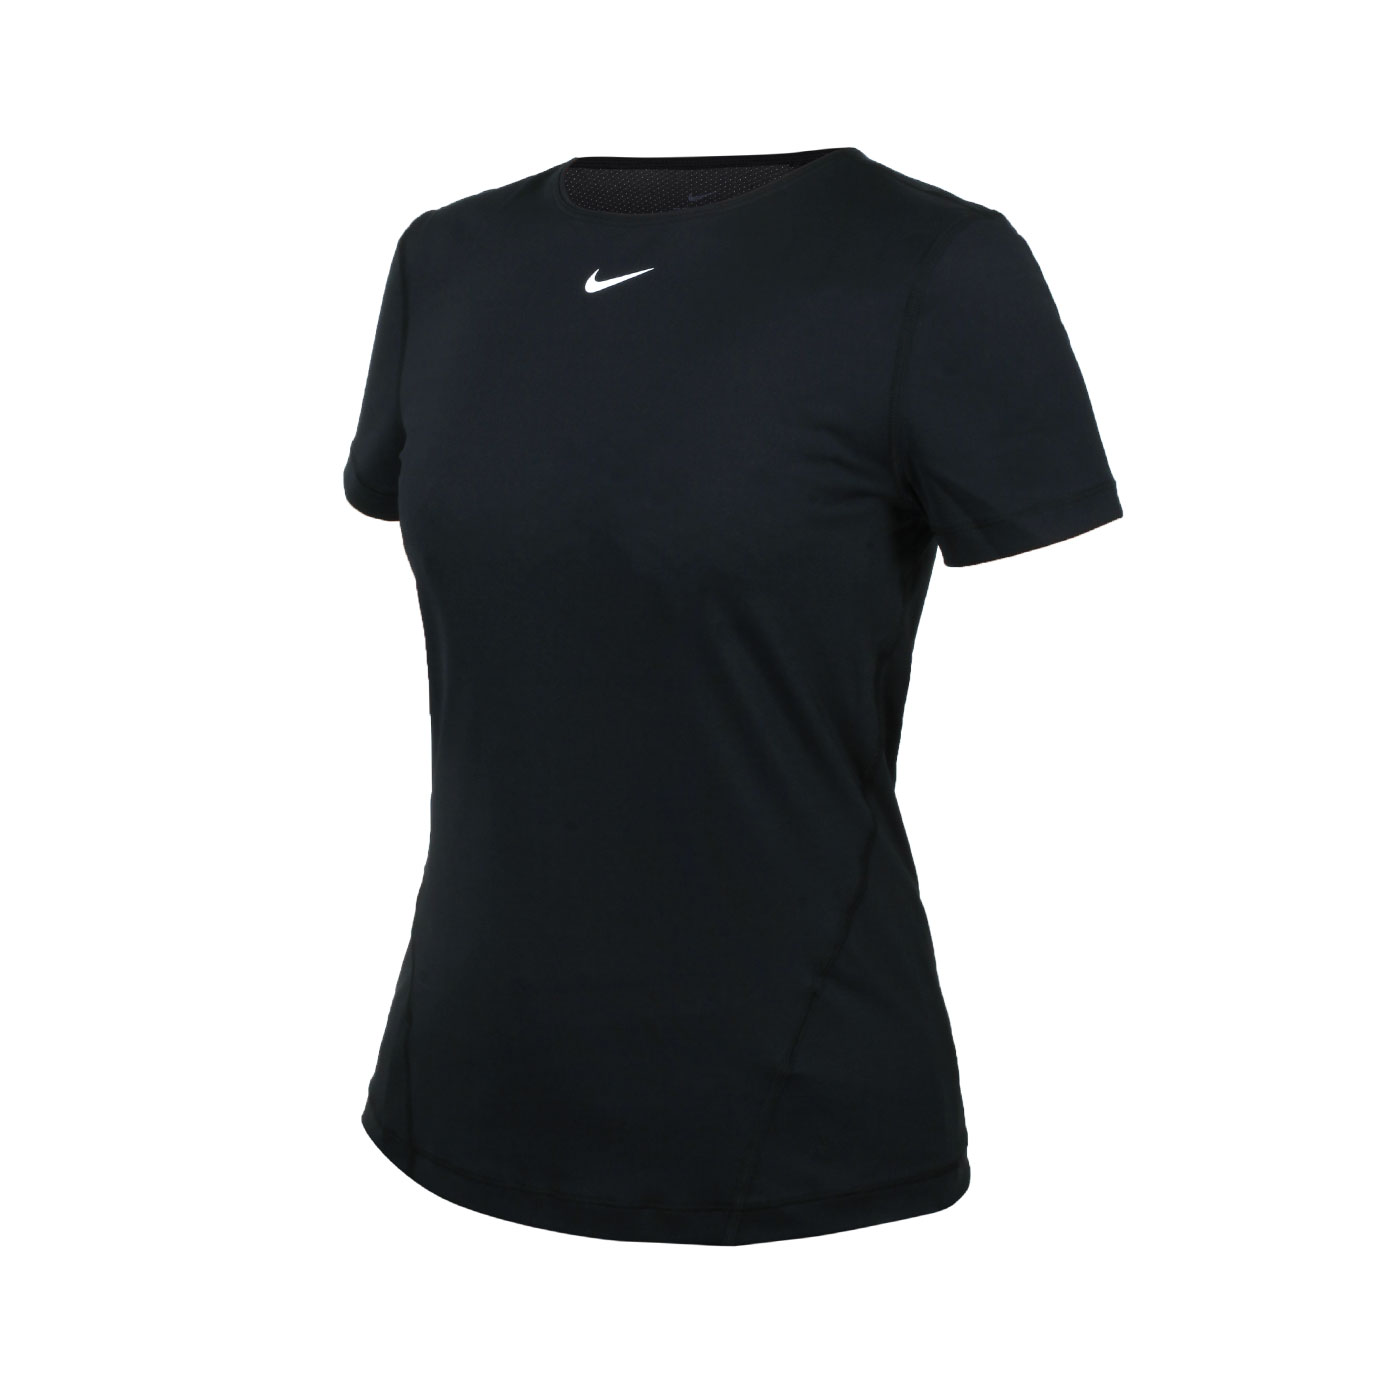 NIKE 女款短袖T恤 AO9952-010 - 黑白